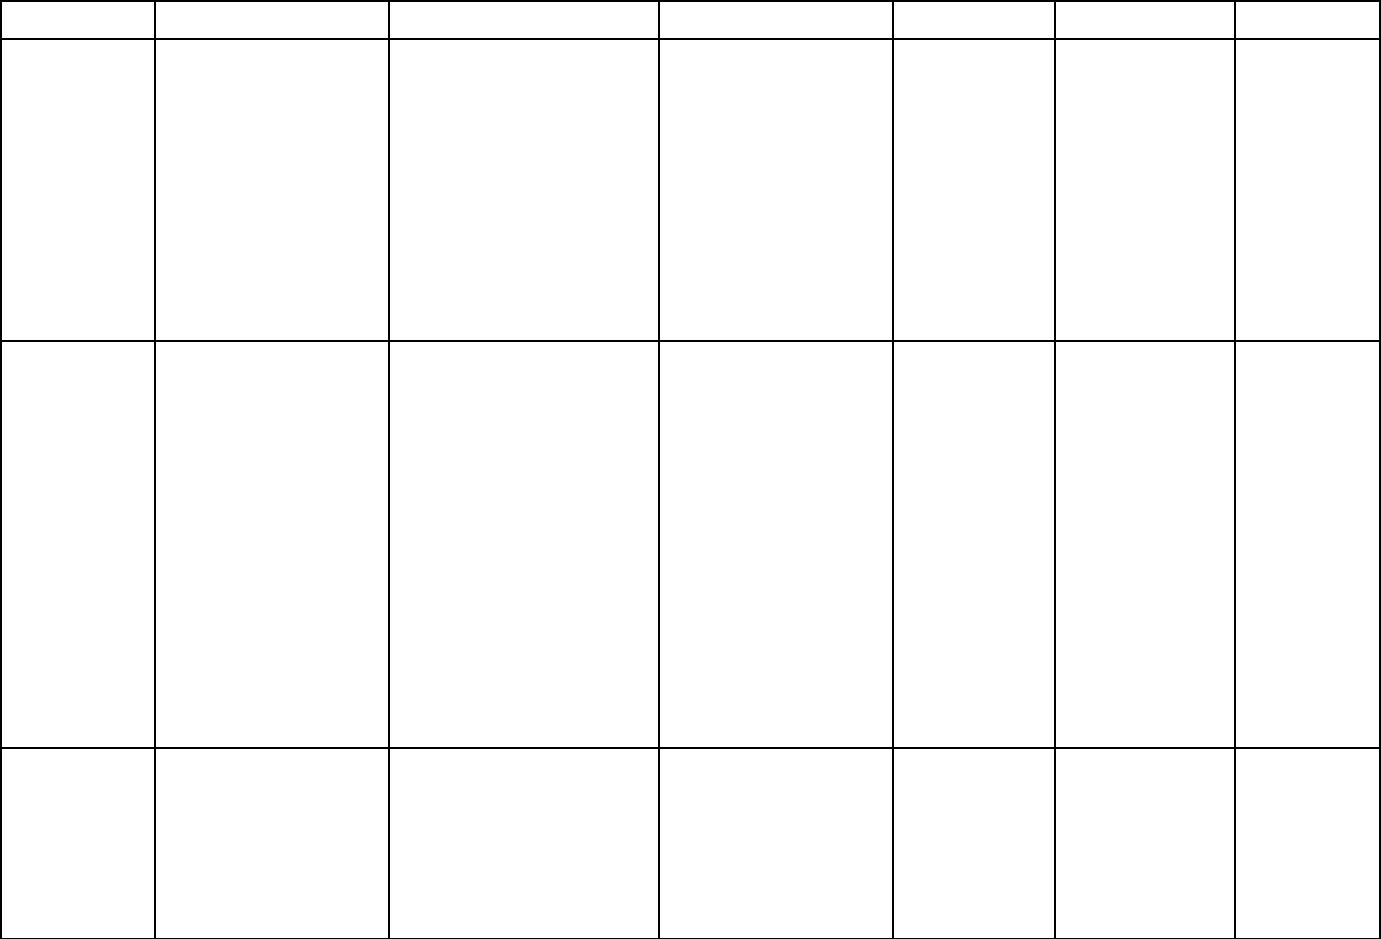 Download Rpt Pendidikan Moral Tingkatan 1 Menarik Rpt Pendidikan Moral Ting 4 2013 Doc Document Of Senarai Rpt Pendidikan Moral Tingkatan 1 Yang Dapat Di Cetak Dengan Cepat